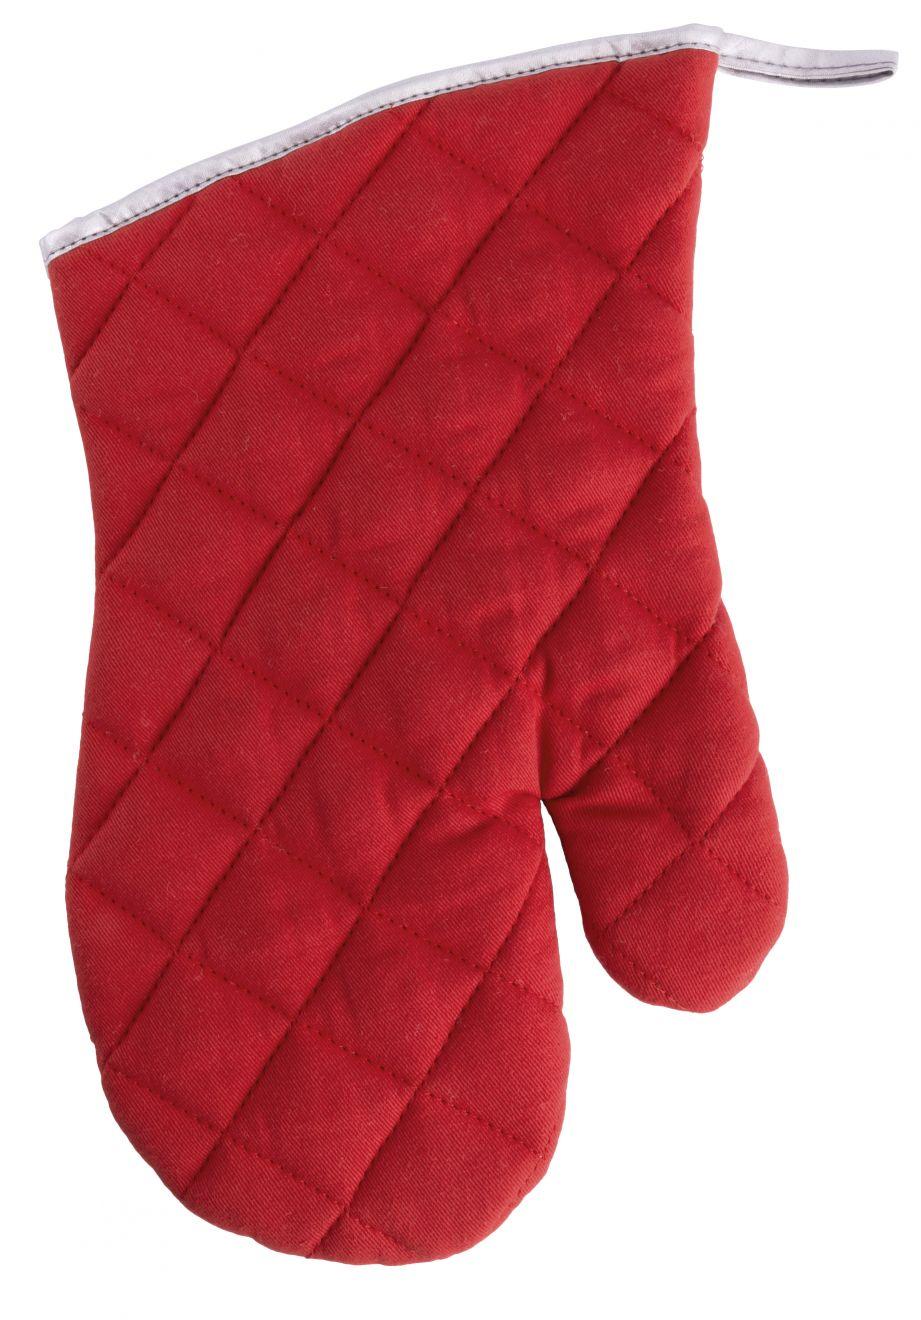 Paños y manoplas calcis de 100% algodón con publicidad imagen 1